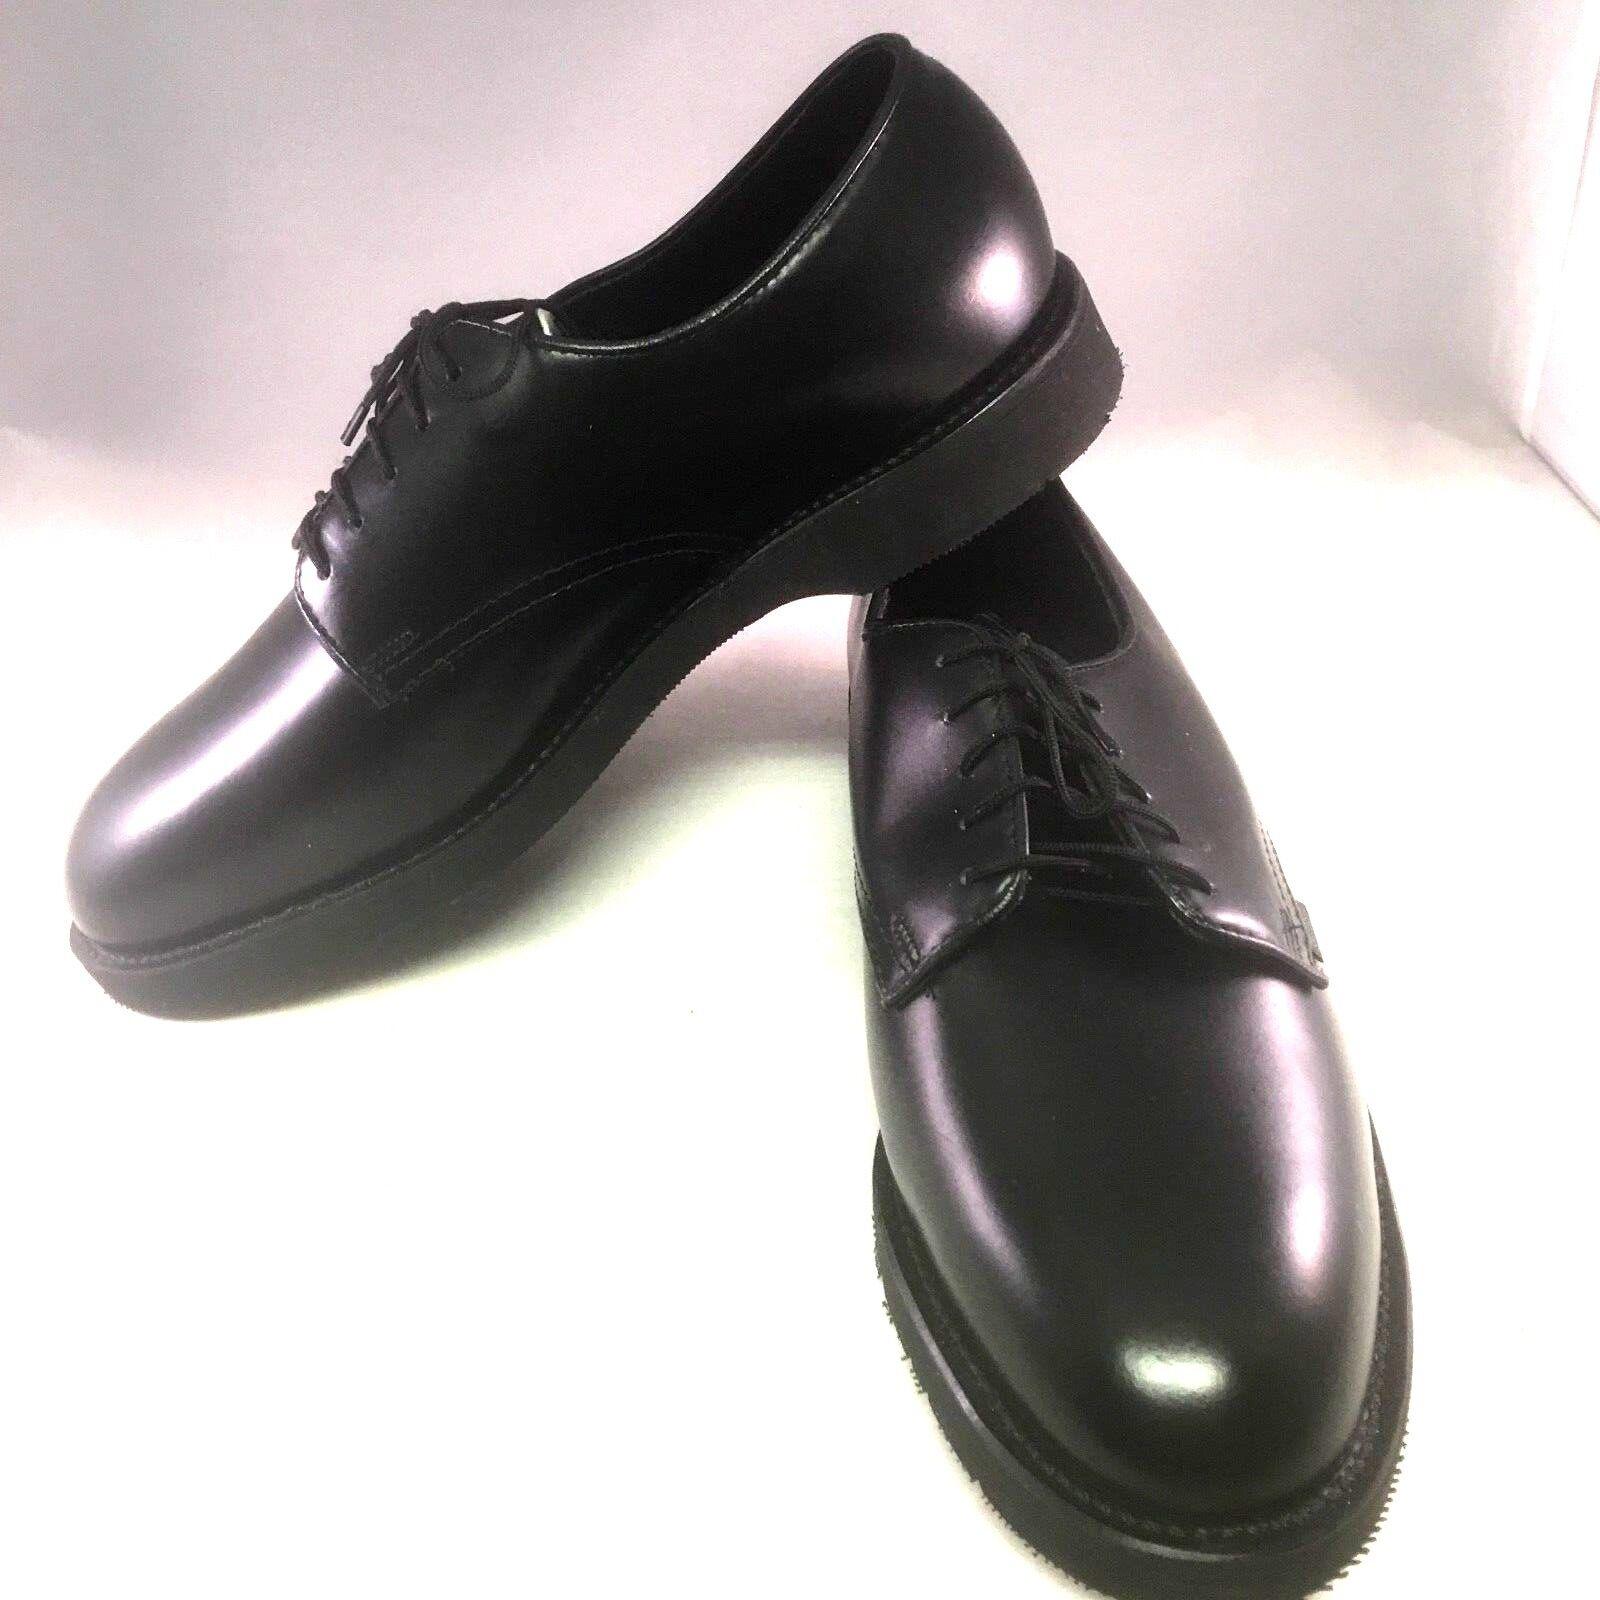 risposta prima volta Thorogood 8.5 XW nero Uomo Leather Leather Leather Classic Oxfords  migliore offerta